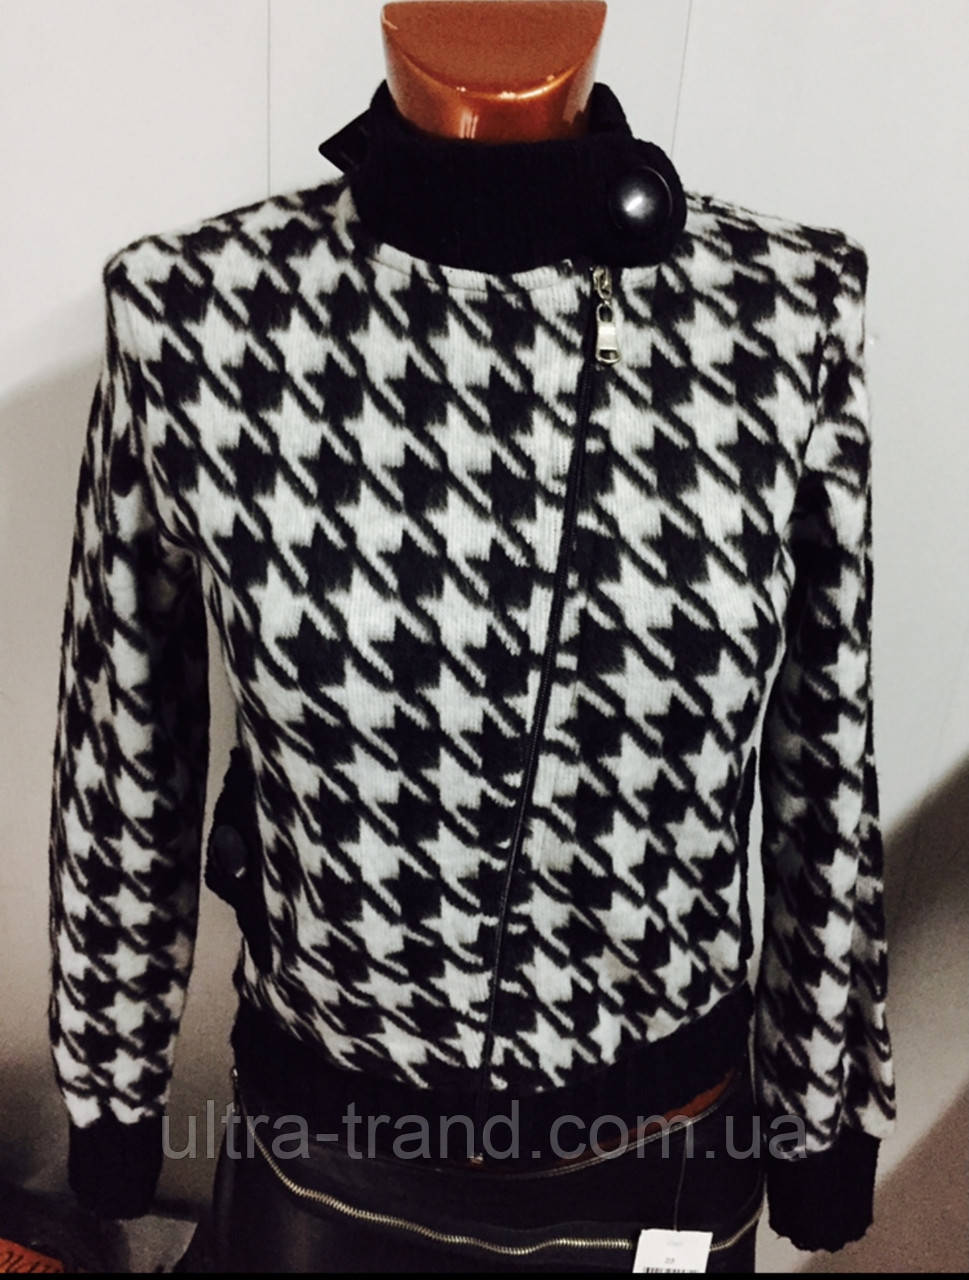 Трендовый турецкий черно - белый женский пиджак косуха